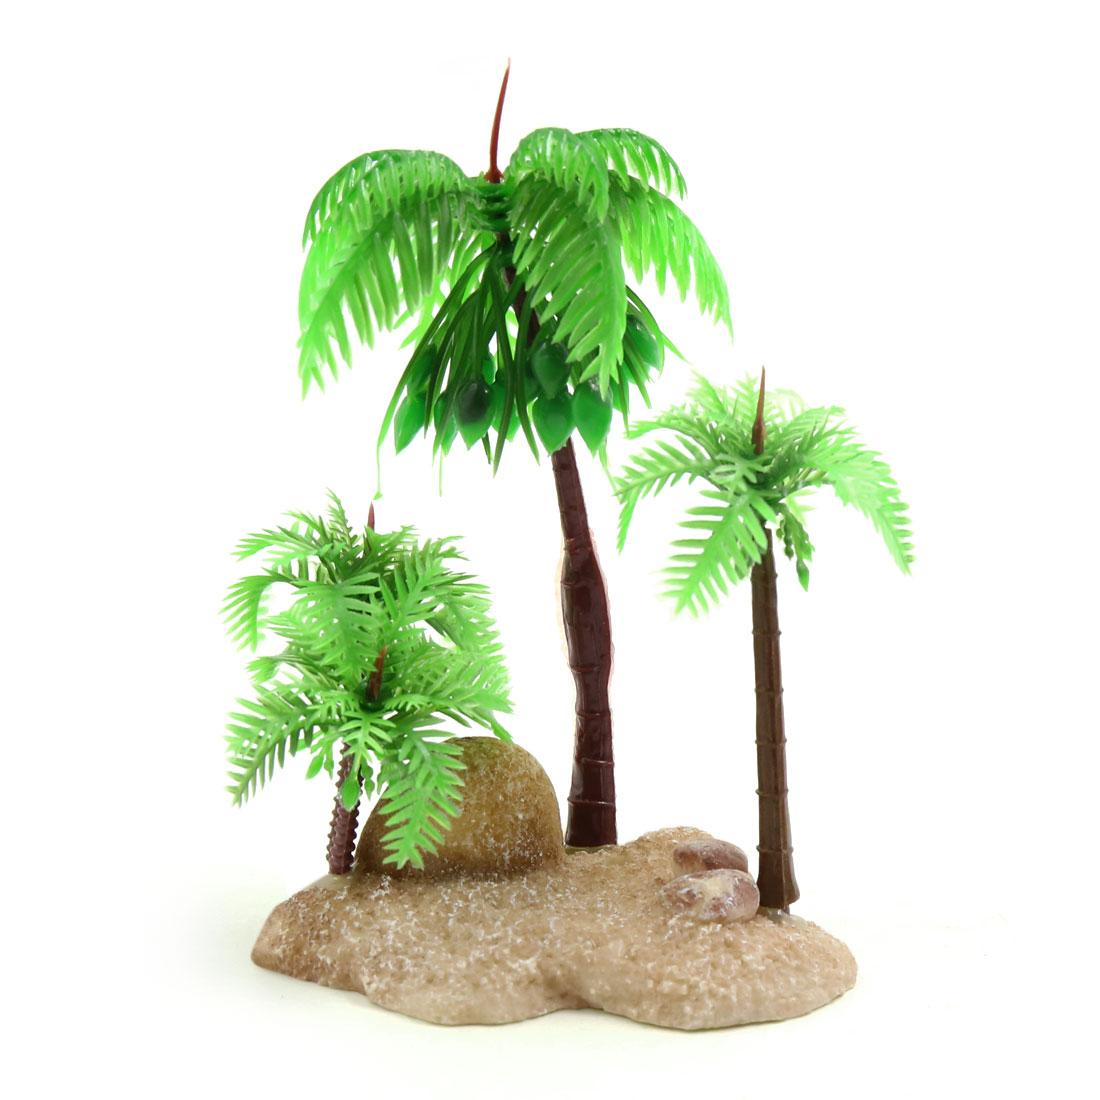 Terrarium Plastic Decoration Coconut Tree for Reptiles Amphibians